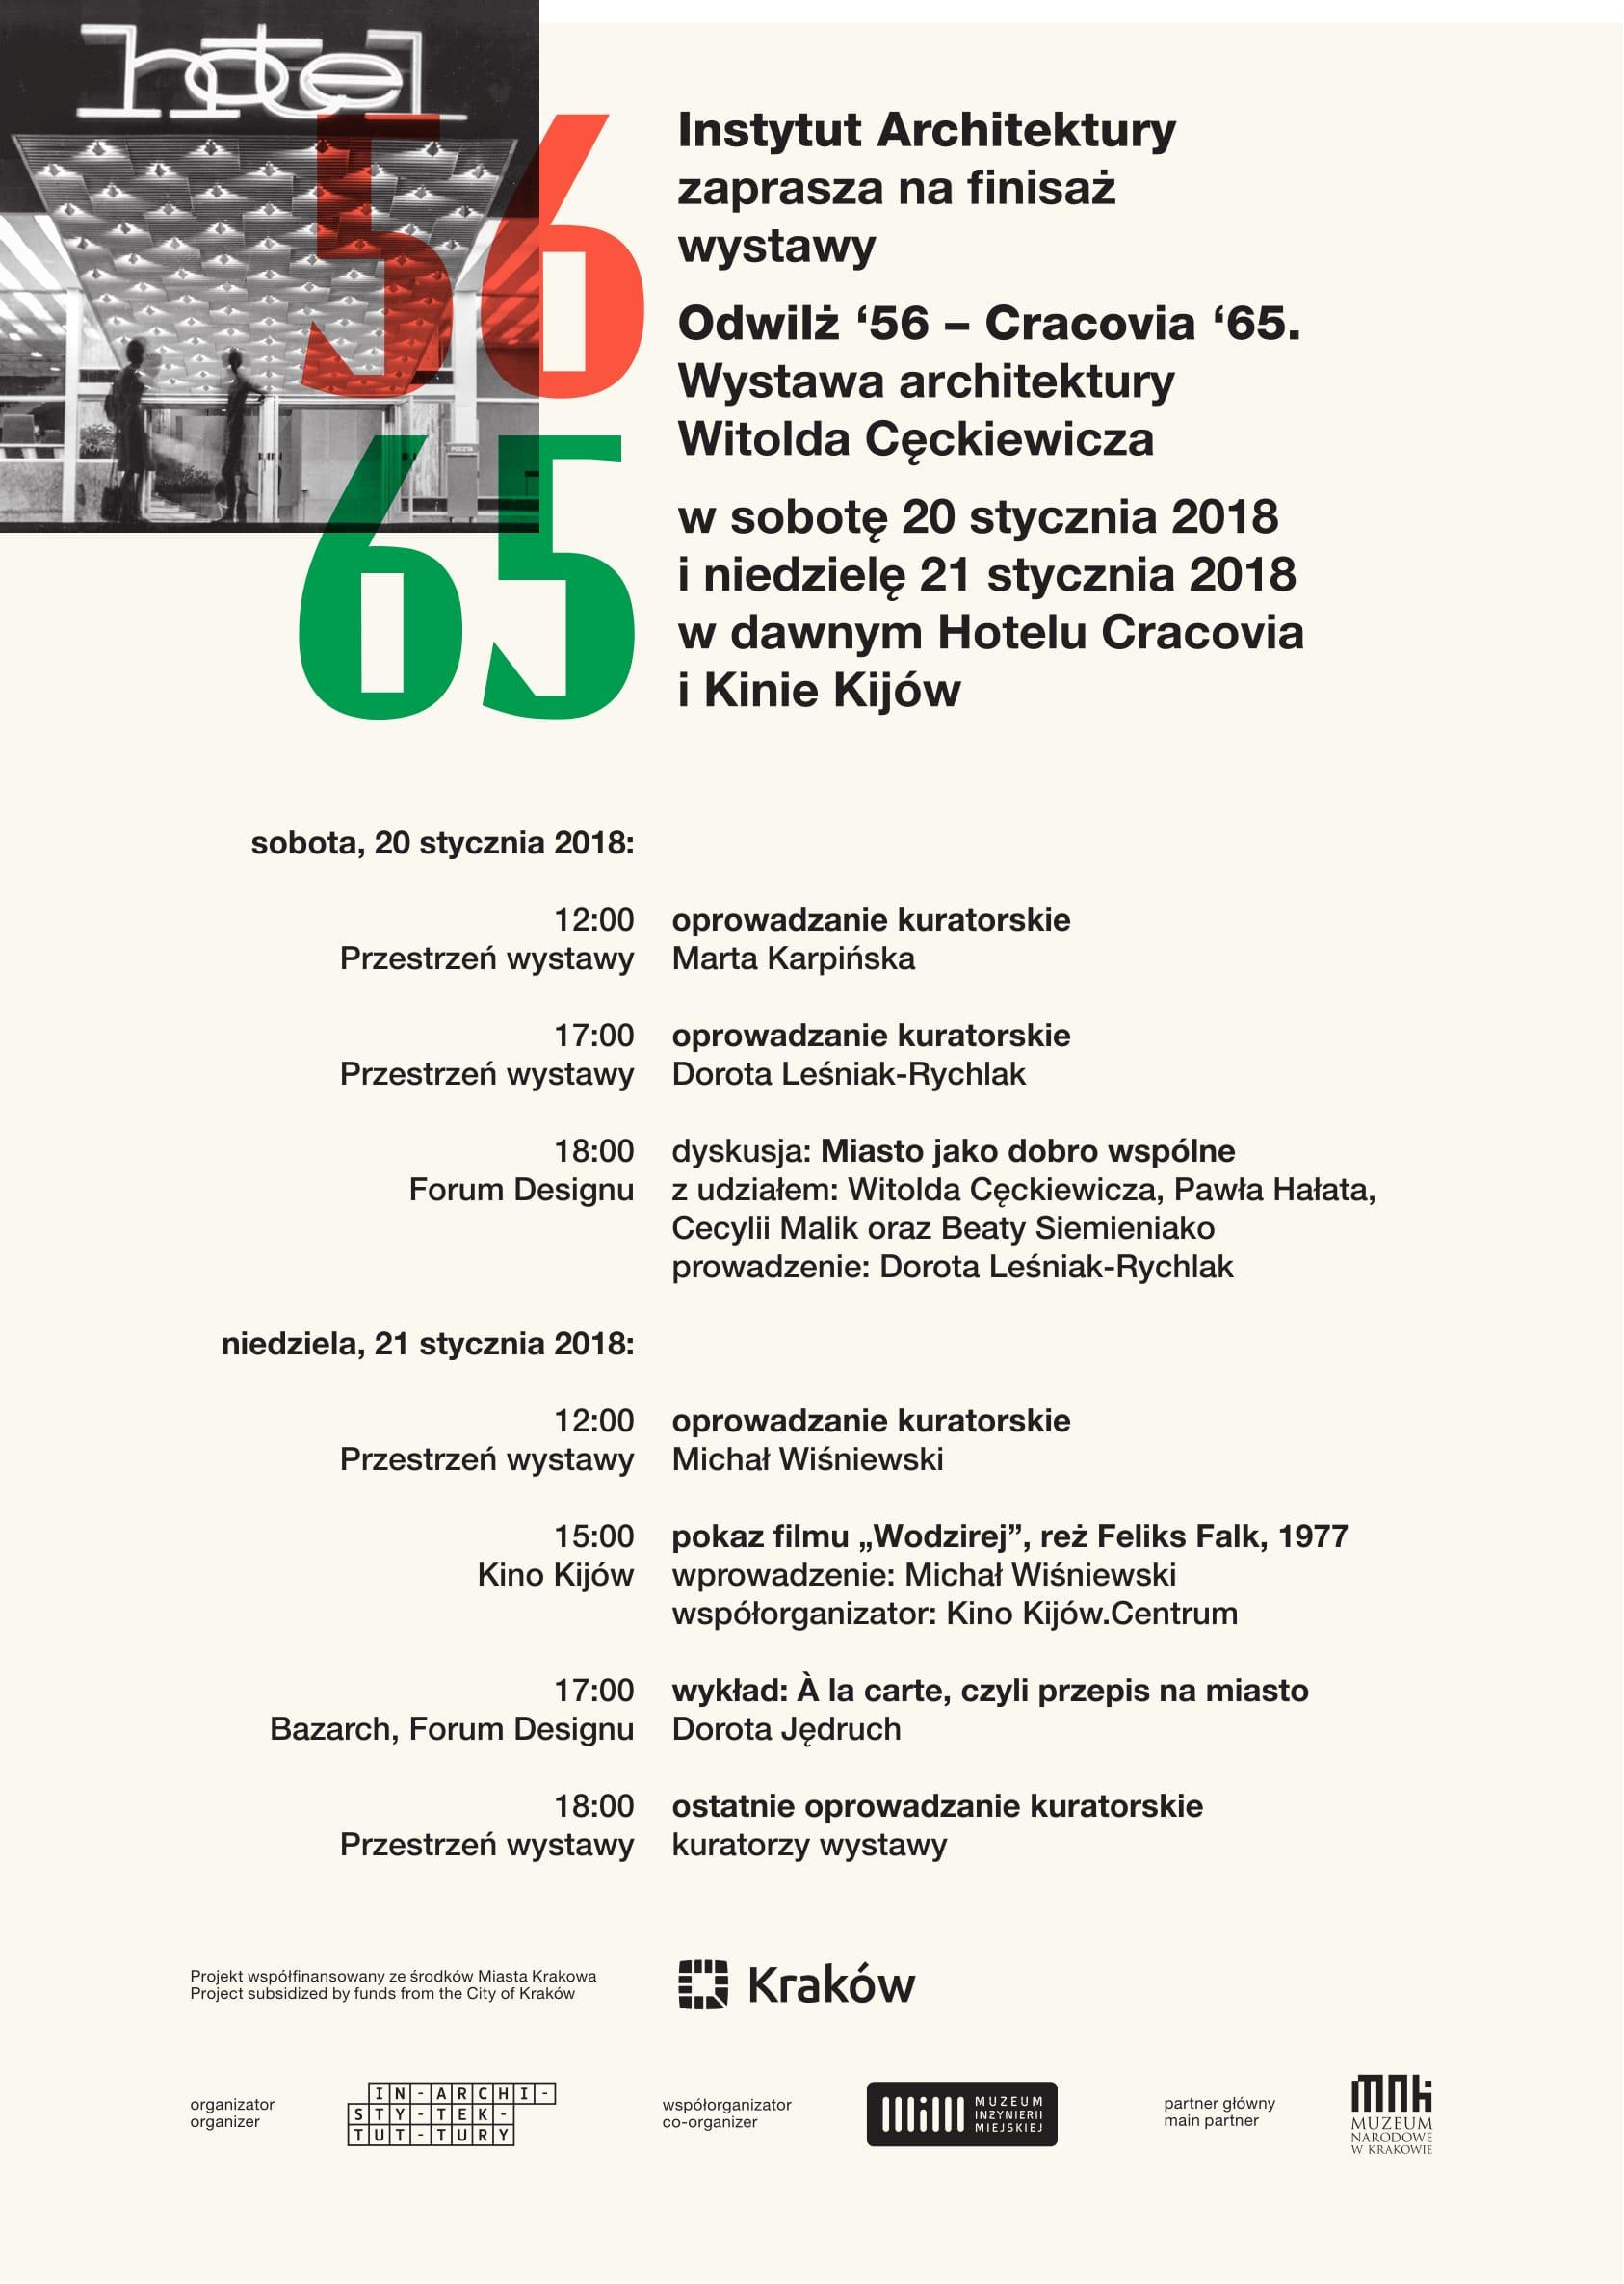 Program towarzyszący zakończeniu wystawy (źródło: materiały prasowe)